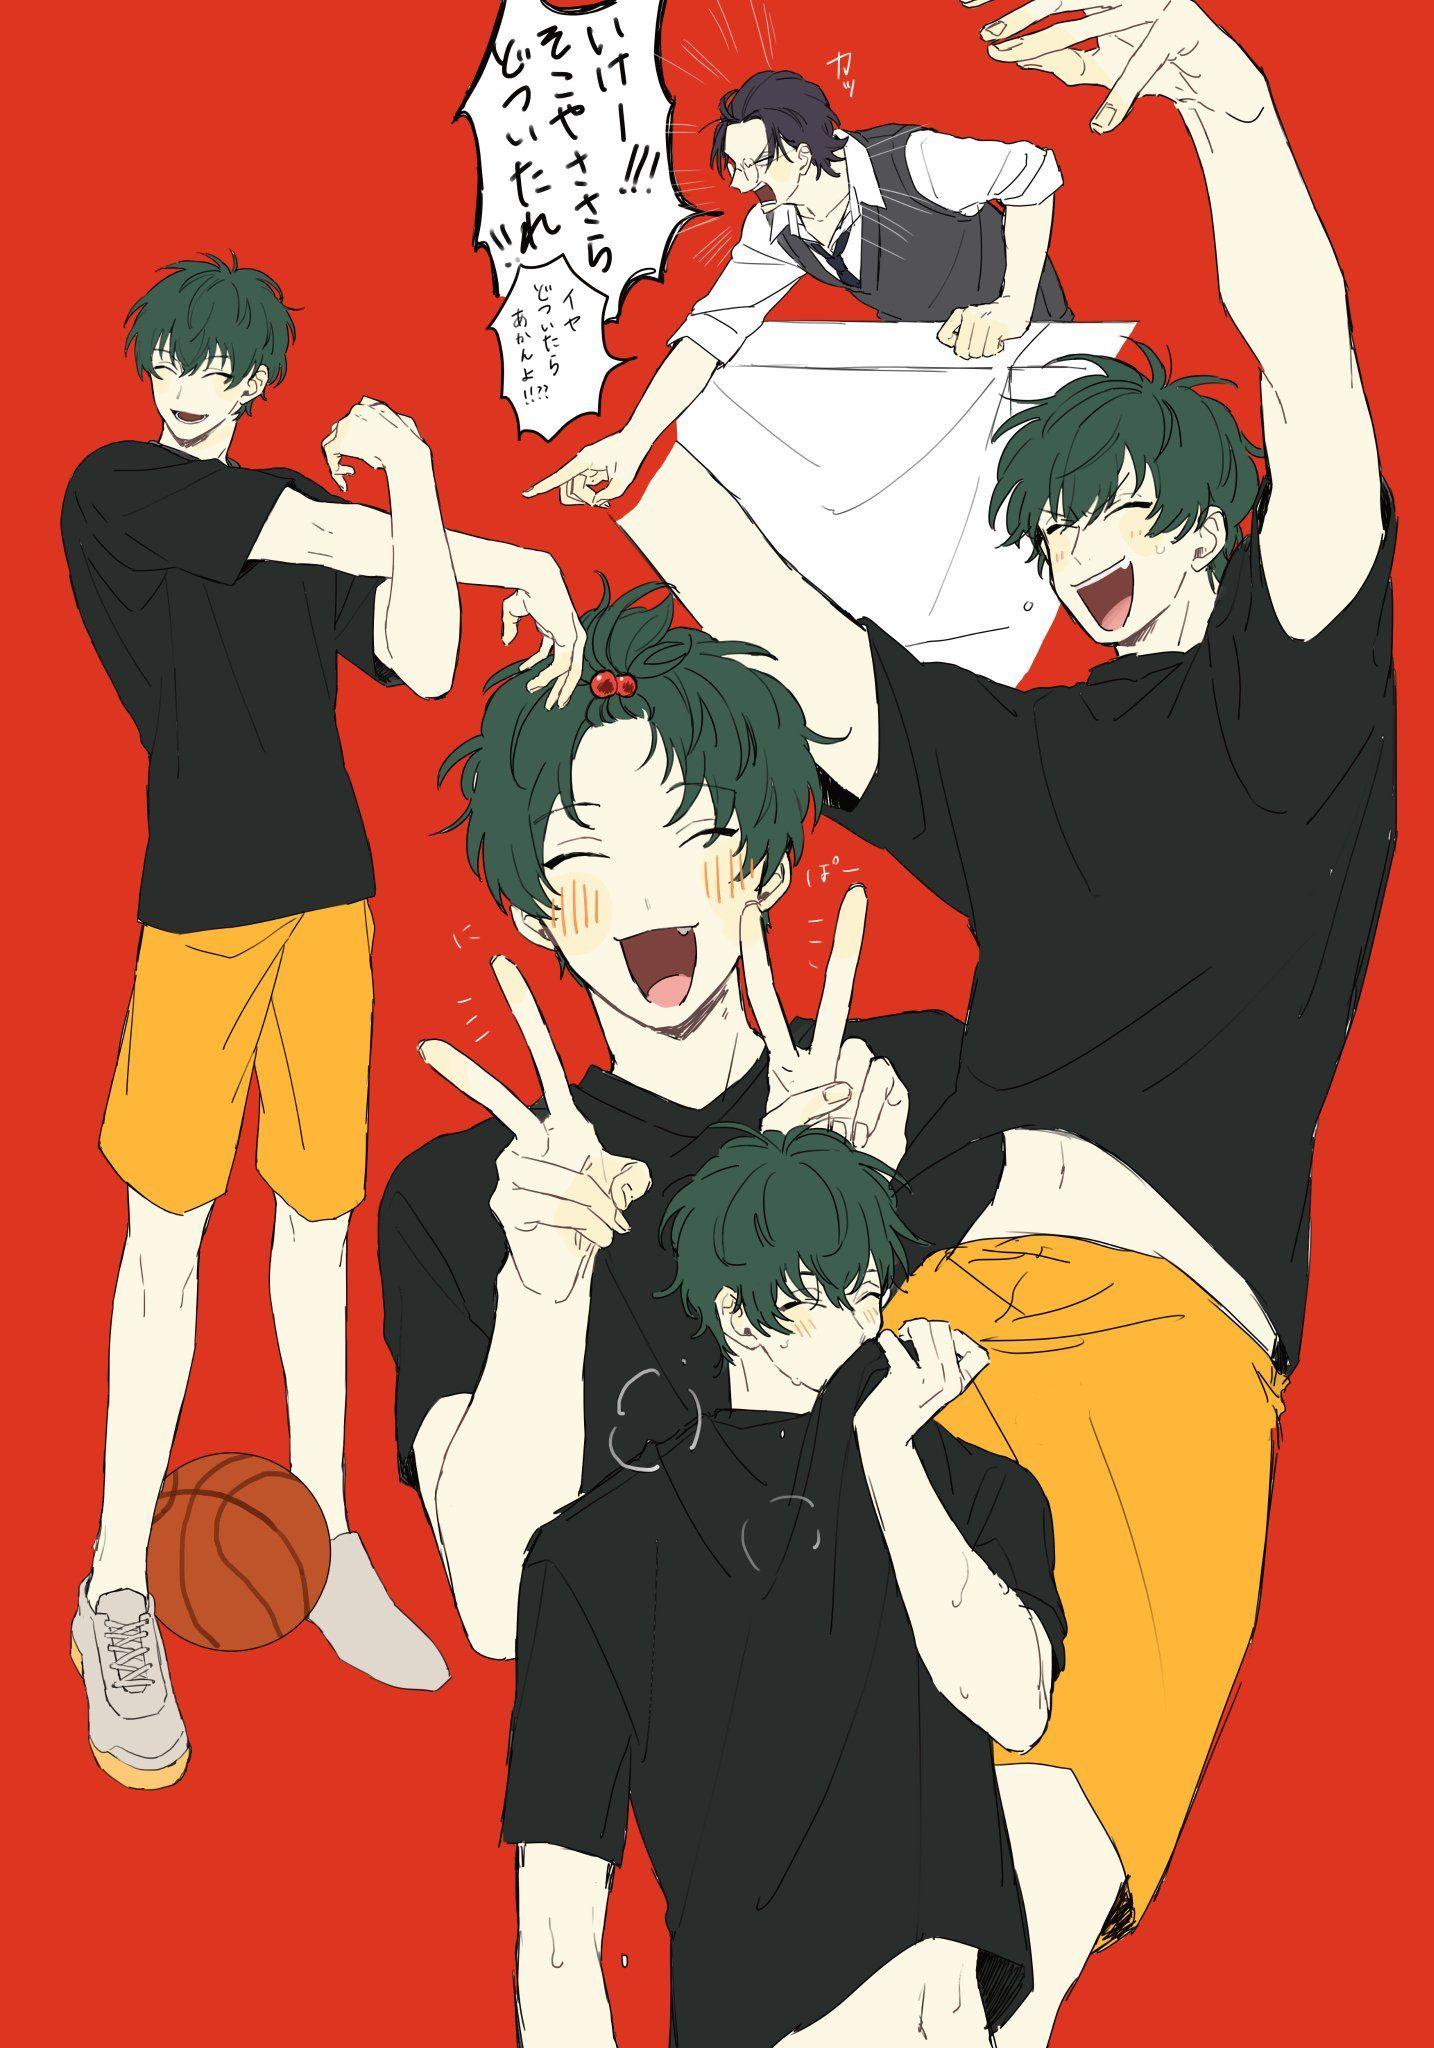 周 on in 2020 Anime guys, Cute anime boy, Cute drawings